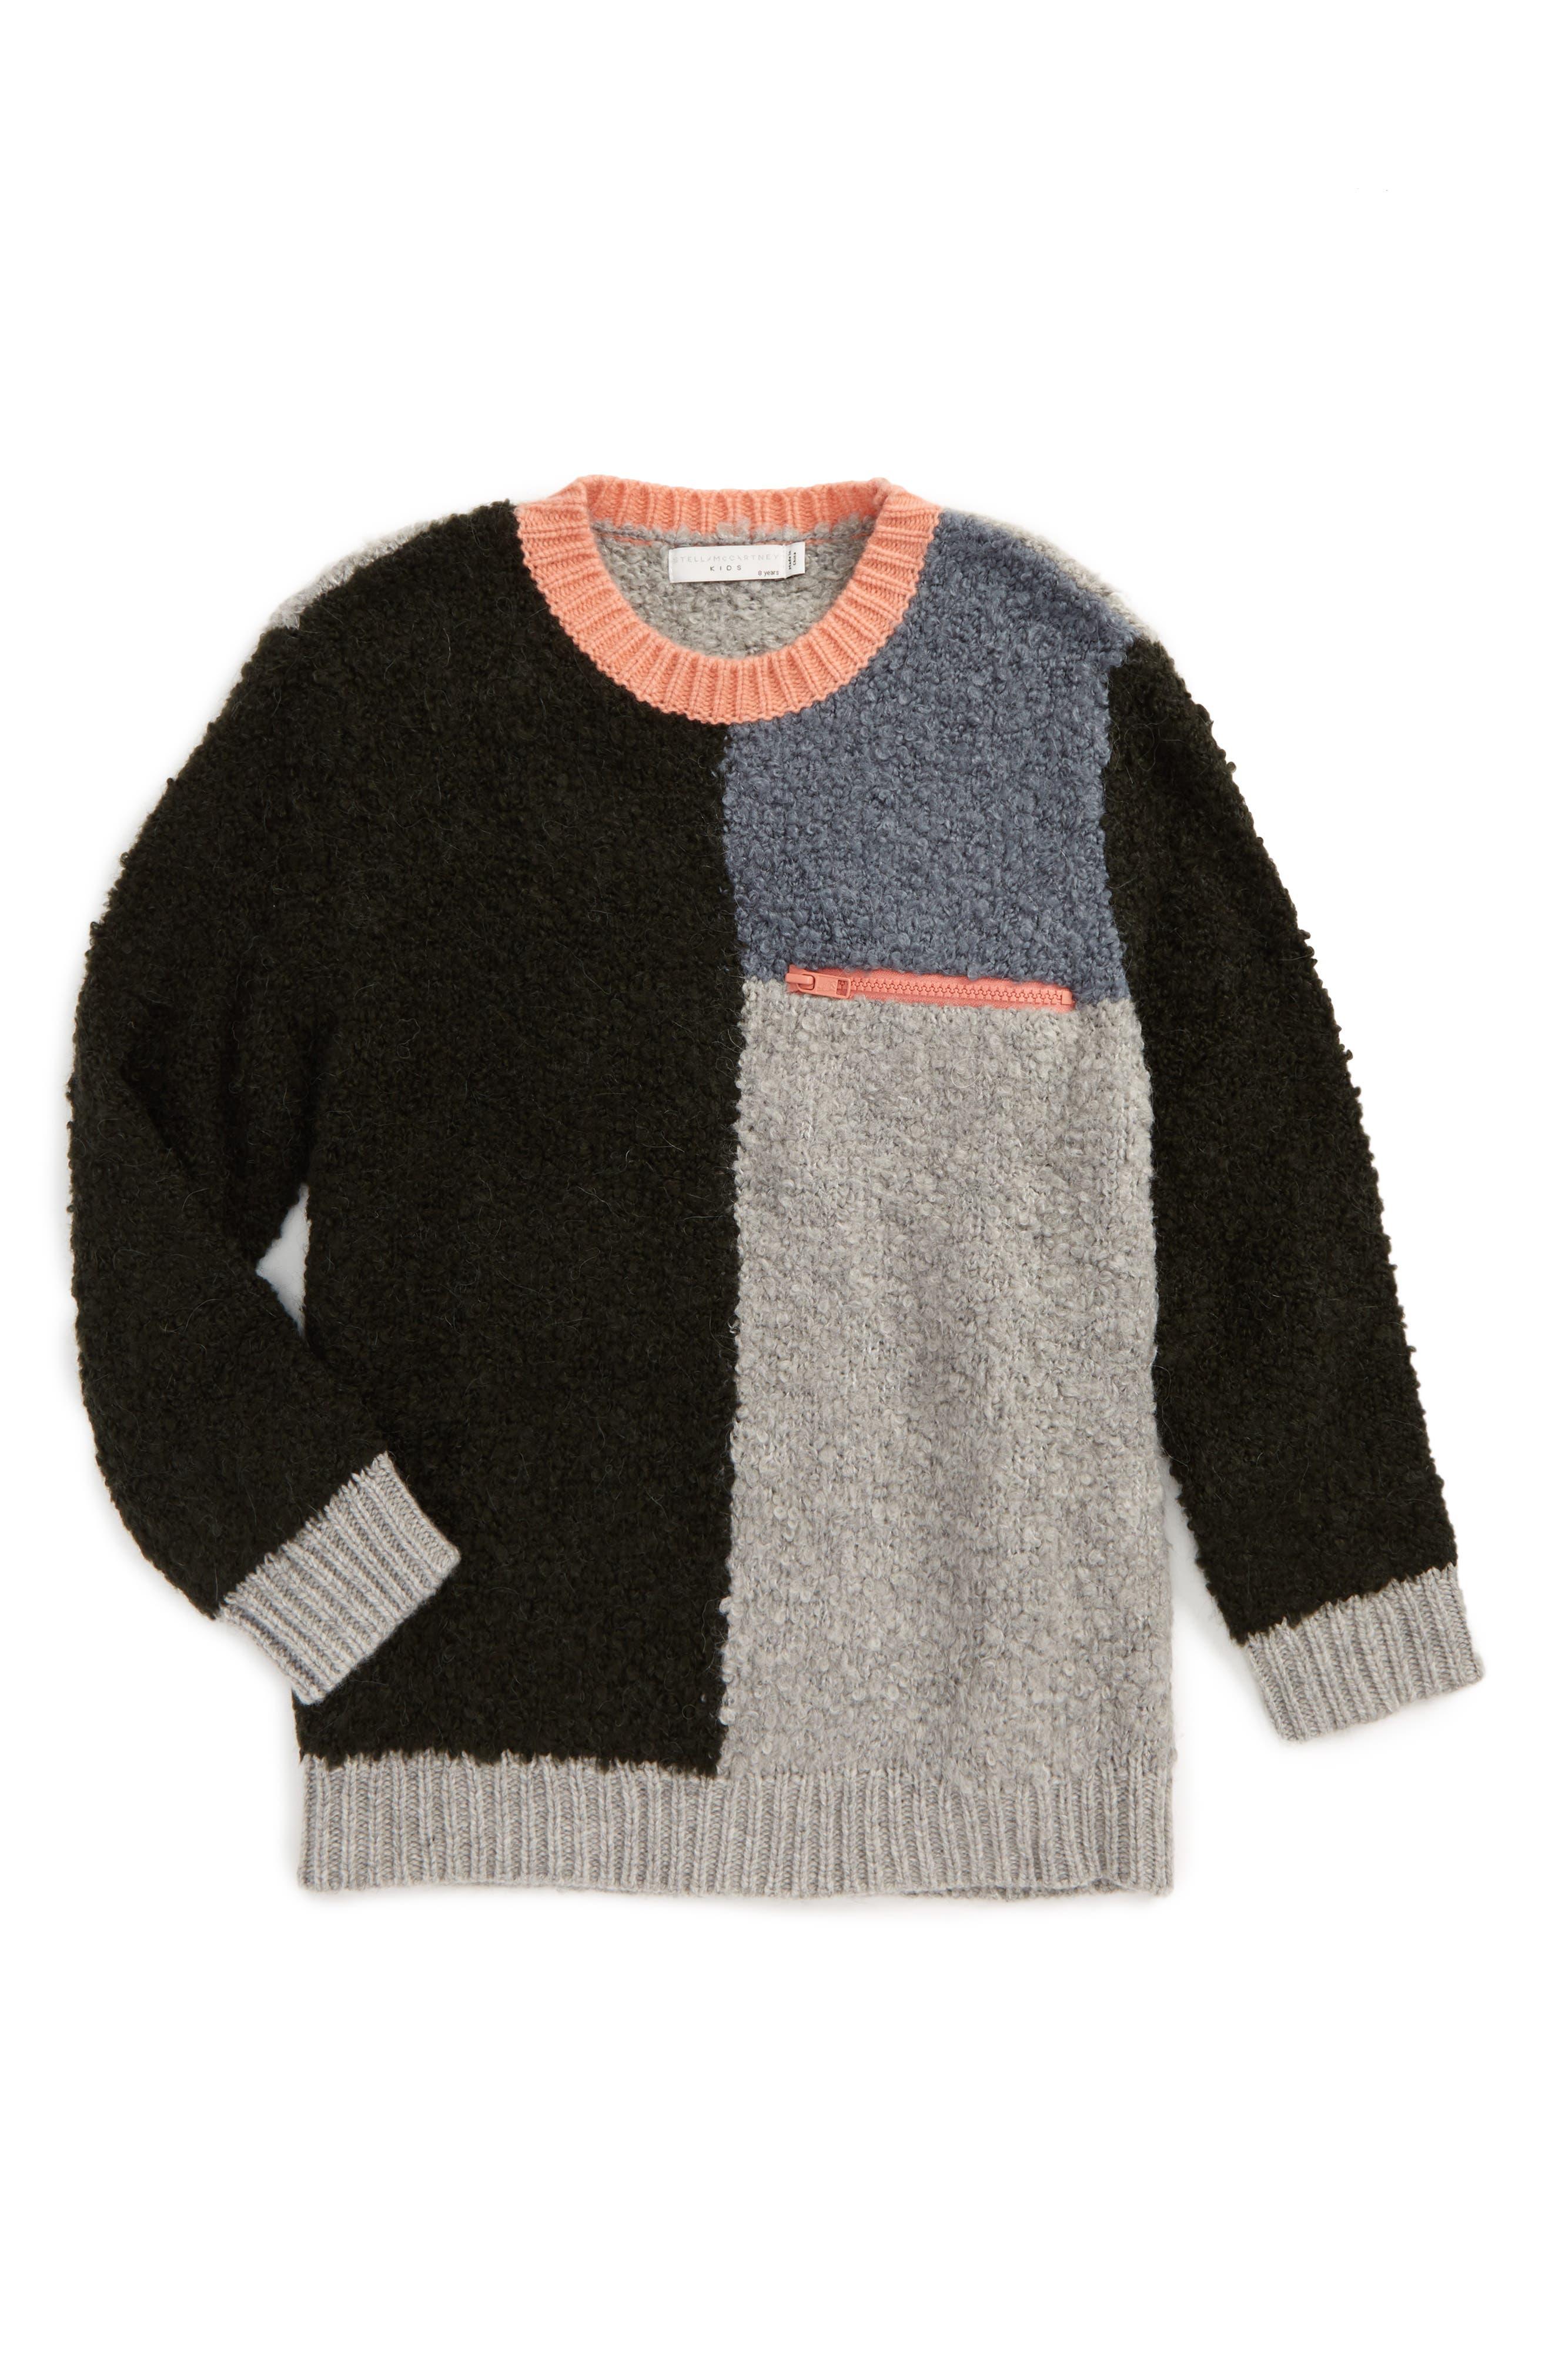 Main Image - Stella McCartney Kids Maya Colorblock Sweater (Toddler Girls, Little Girls & Big Girls)